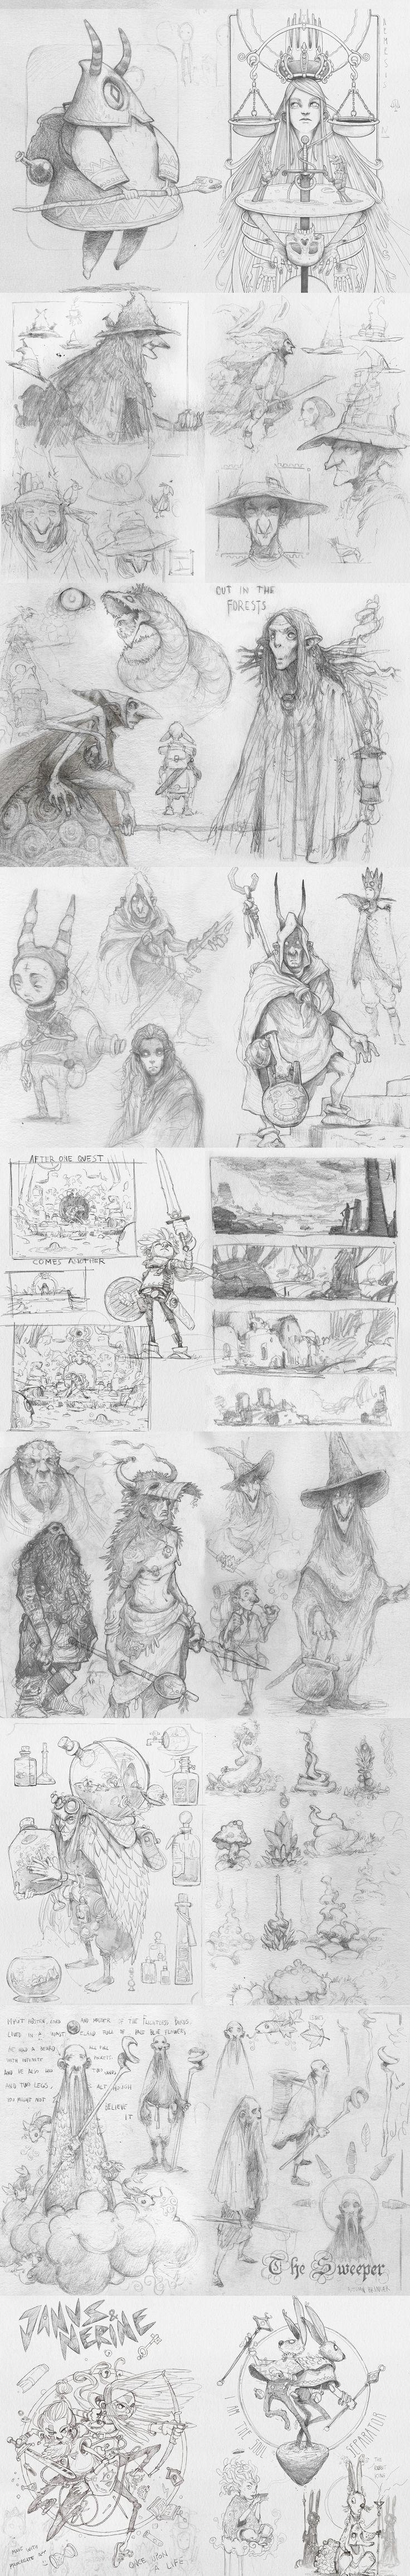 Sketchbook 2016 (II) by Dani Diez #danidiez